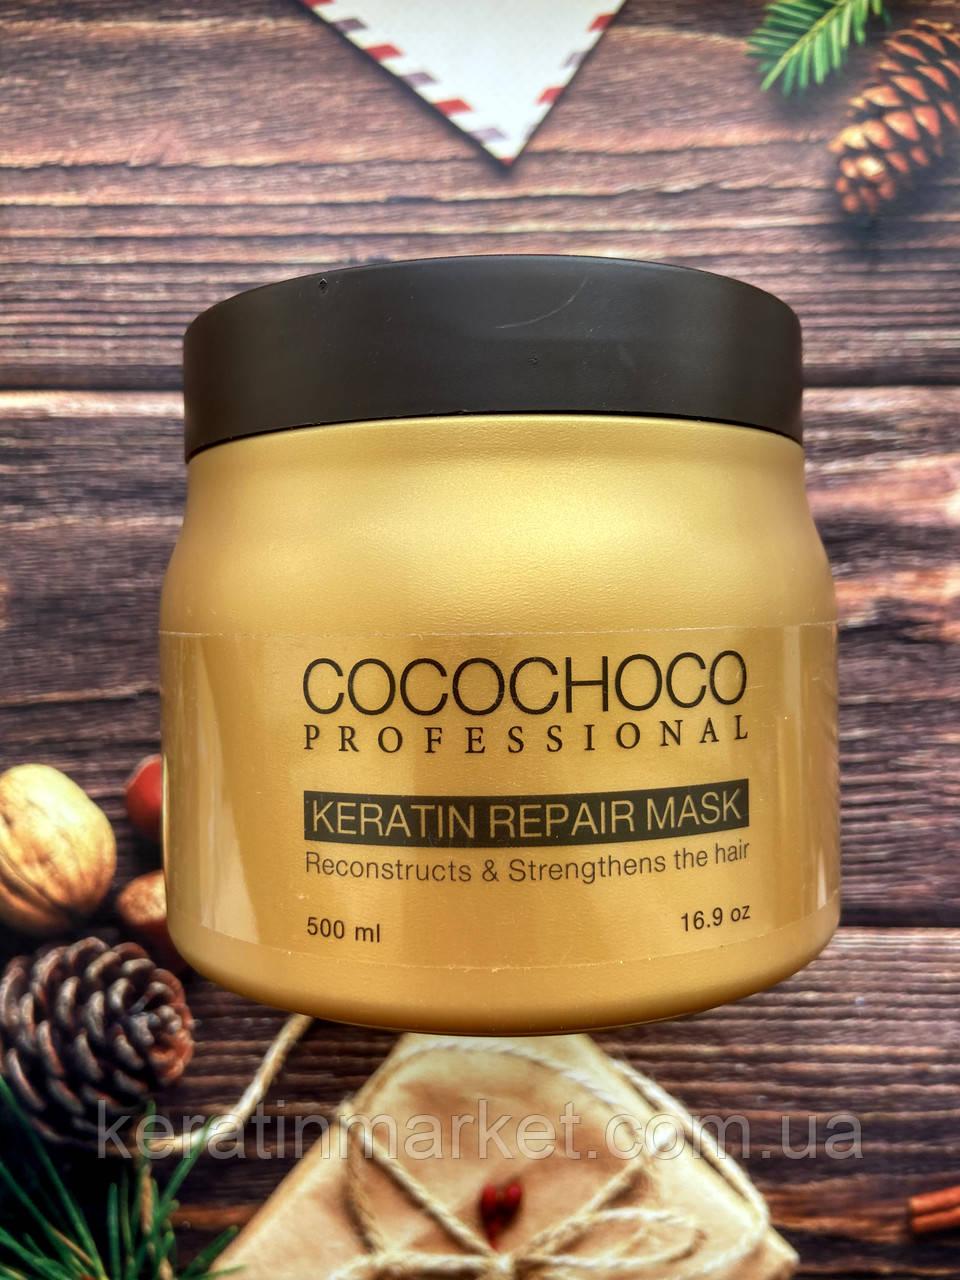 Кератиновая маска Cocochoco 500 мл